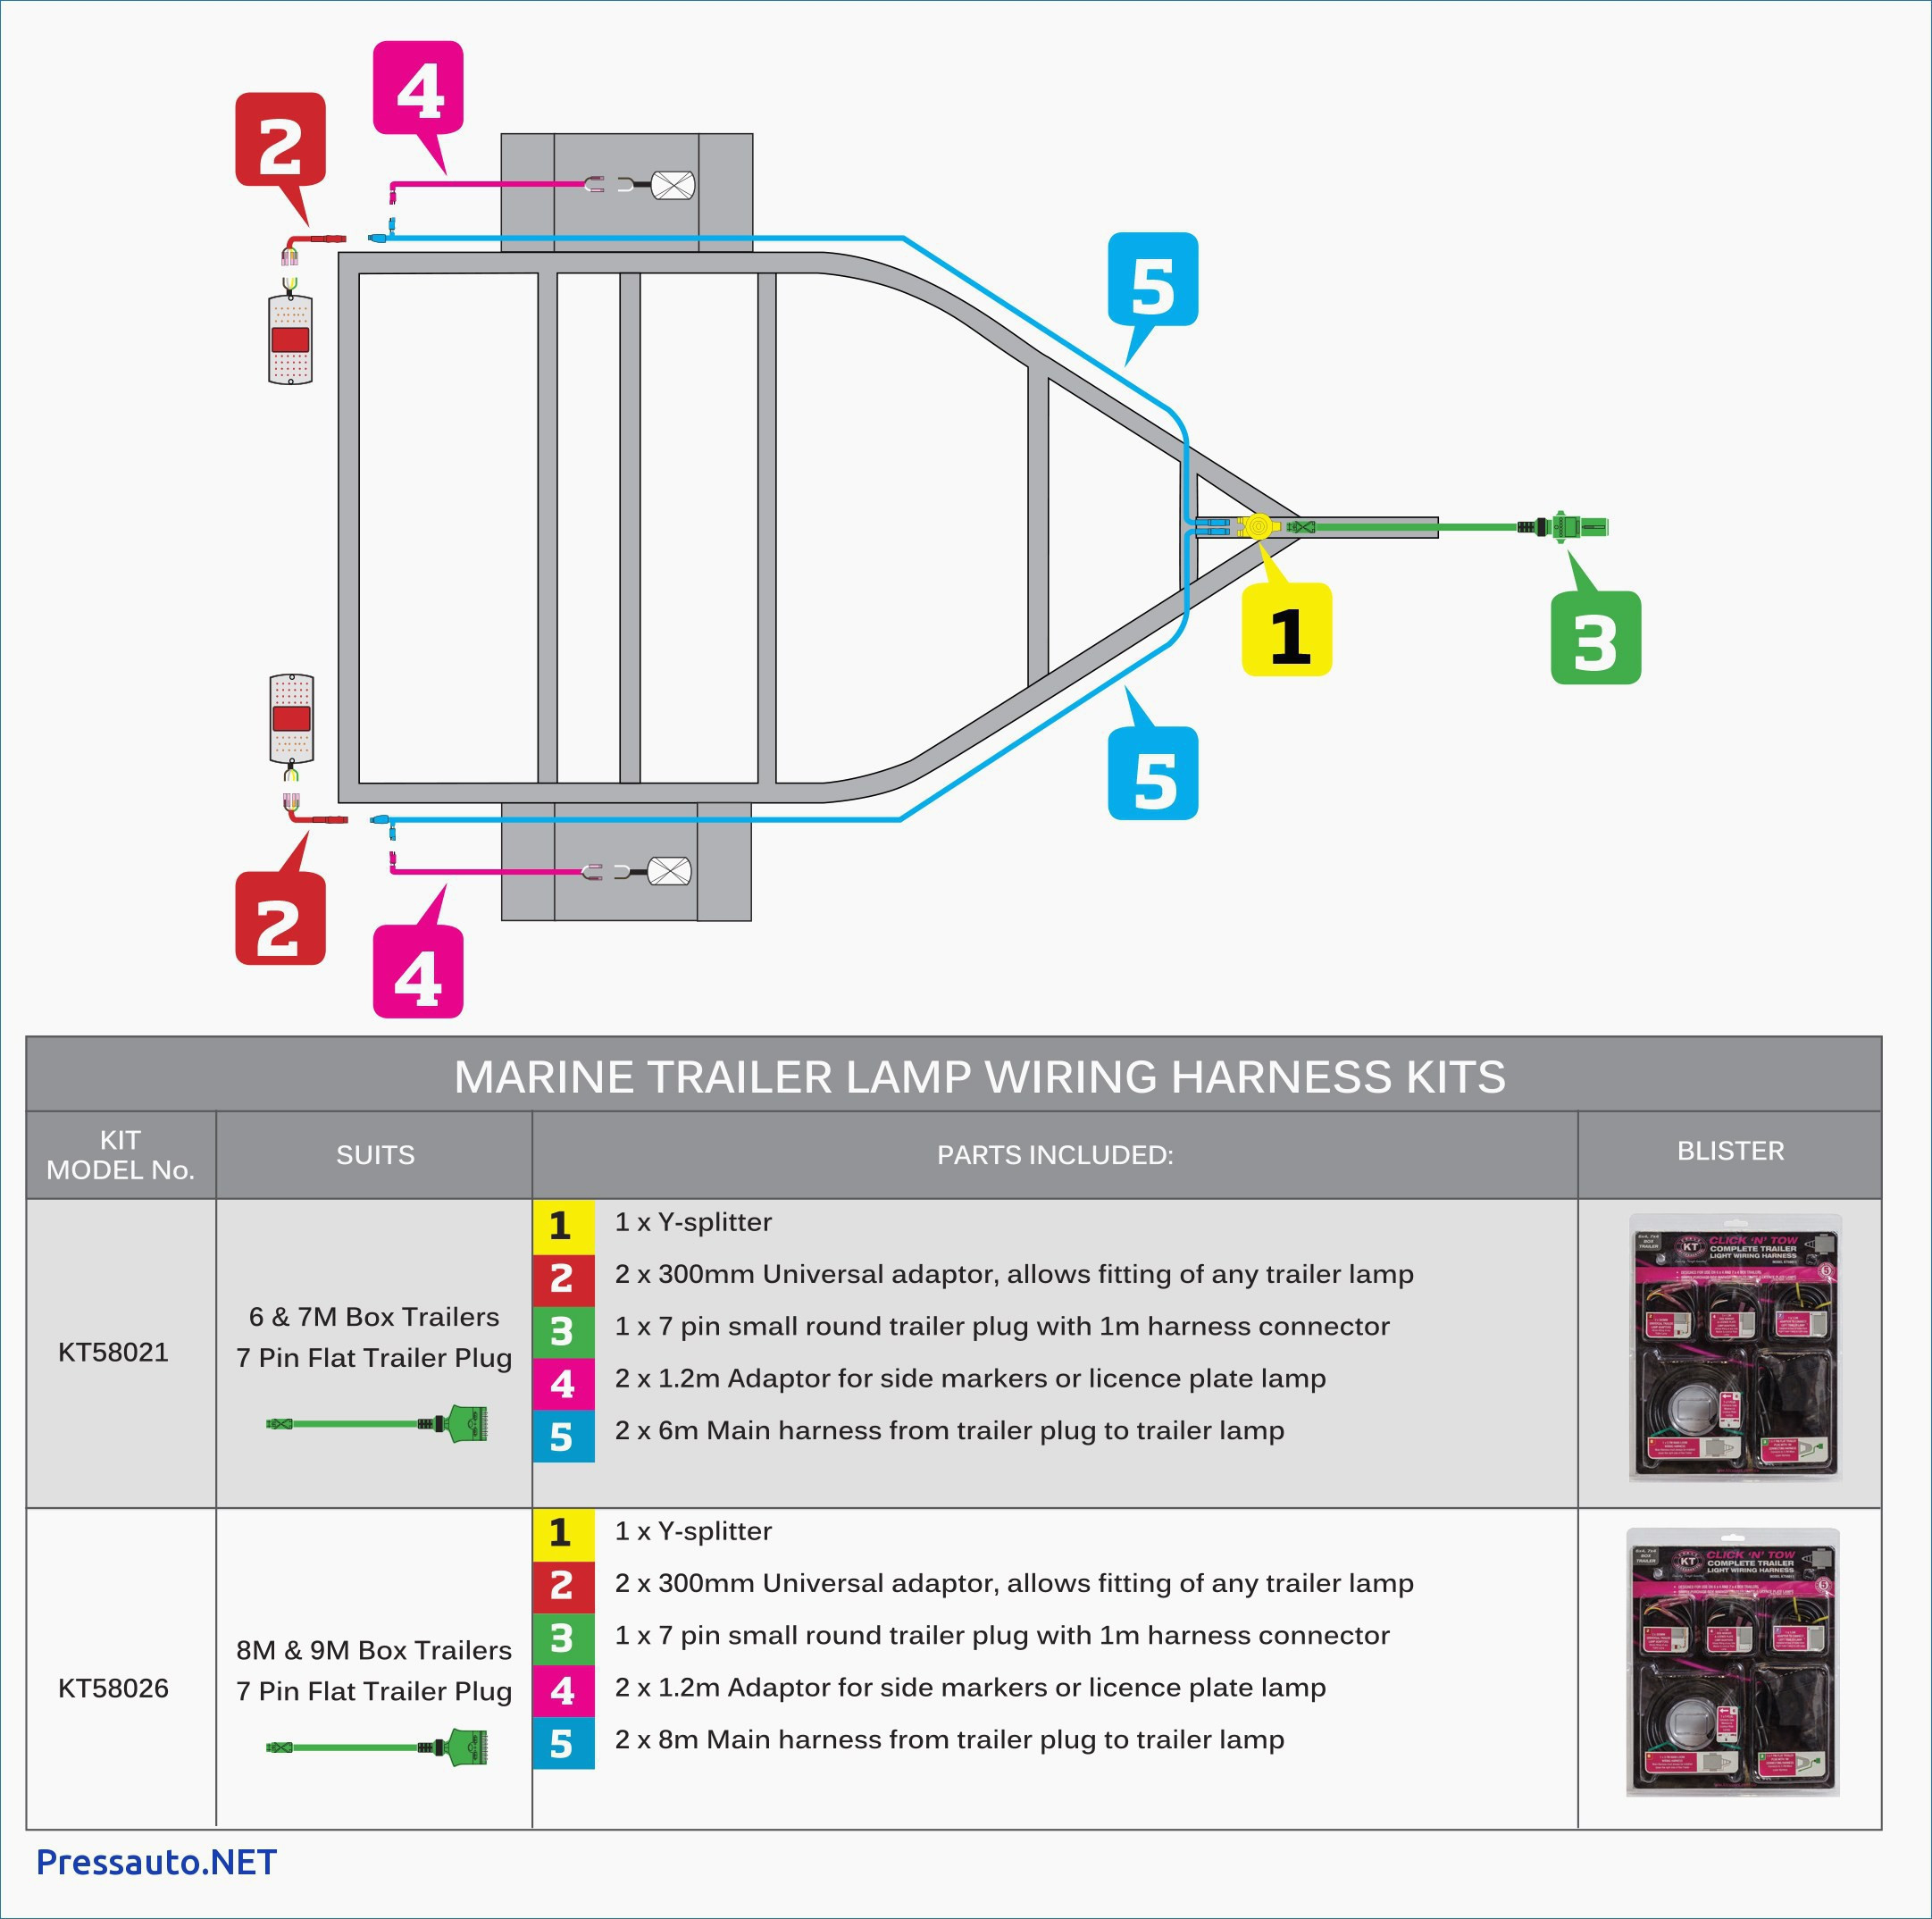 4 Way Trailer Plug Wiring Diagram Valid 5 Pin Flat Trailer Wiring - 4 Way Trailer Wiring Diagram